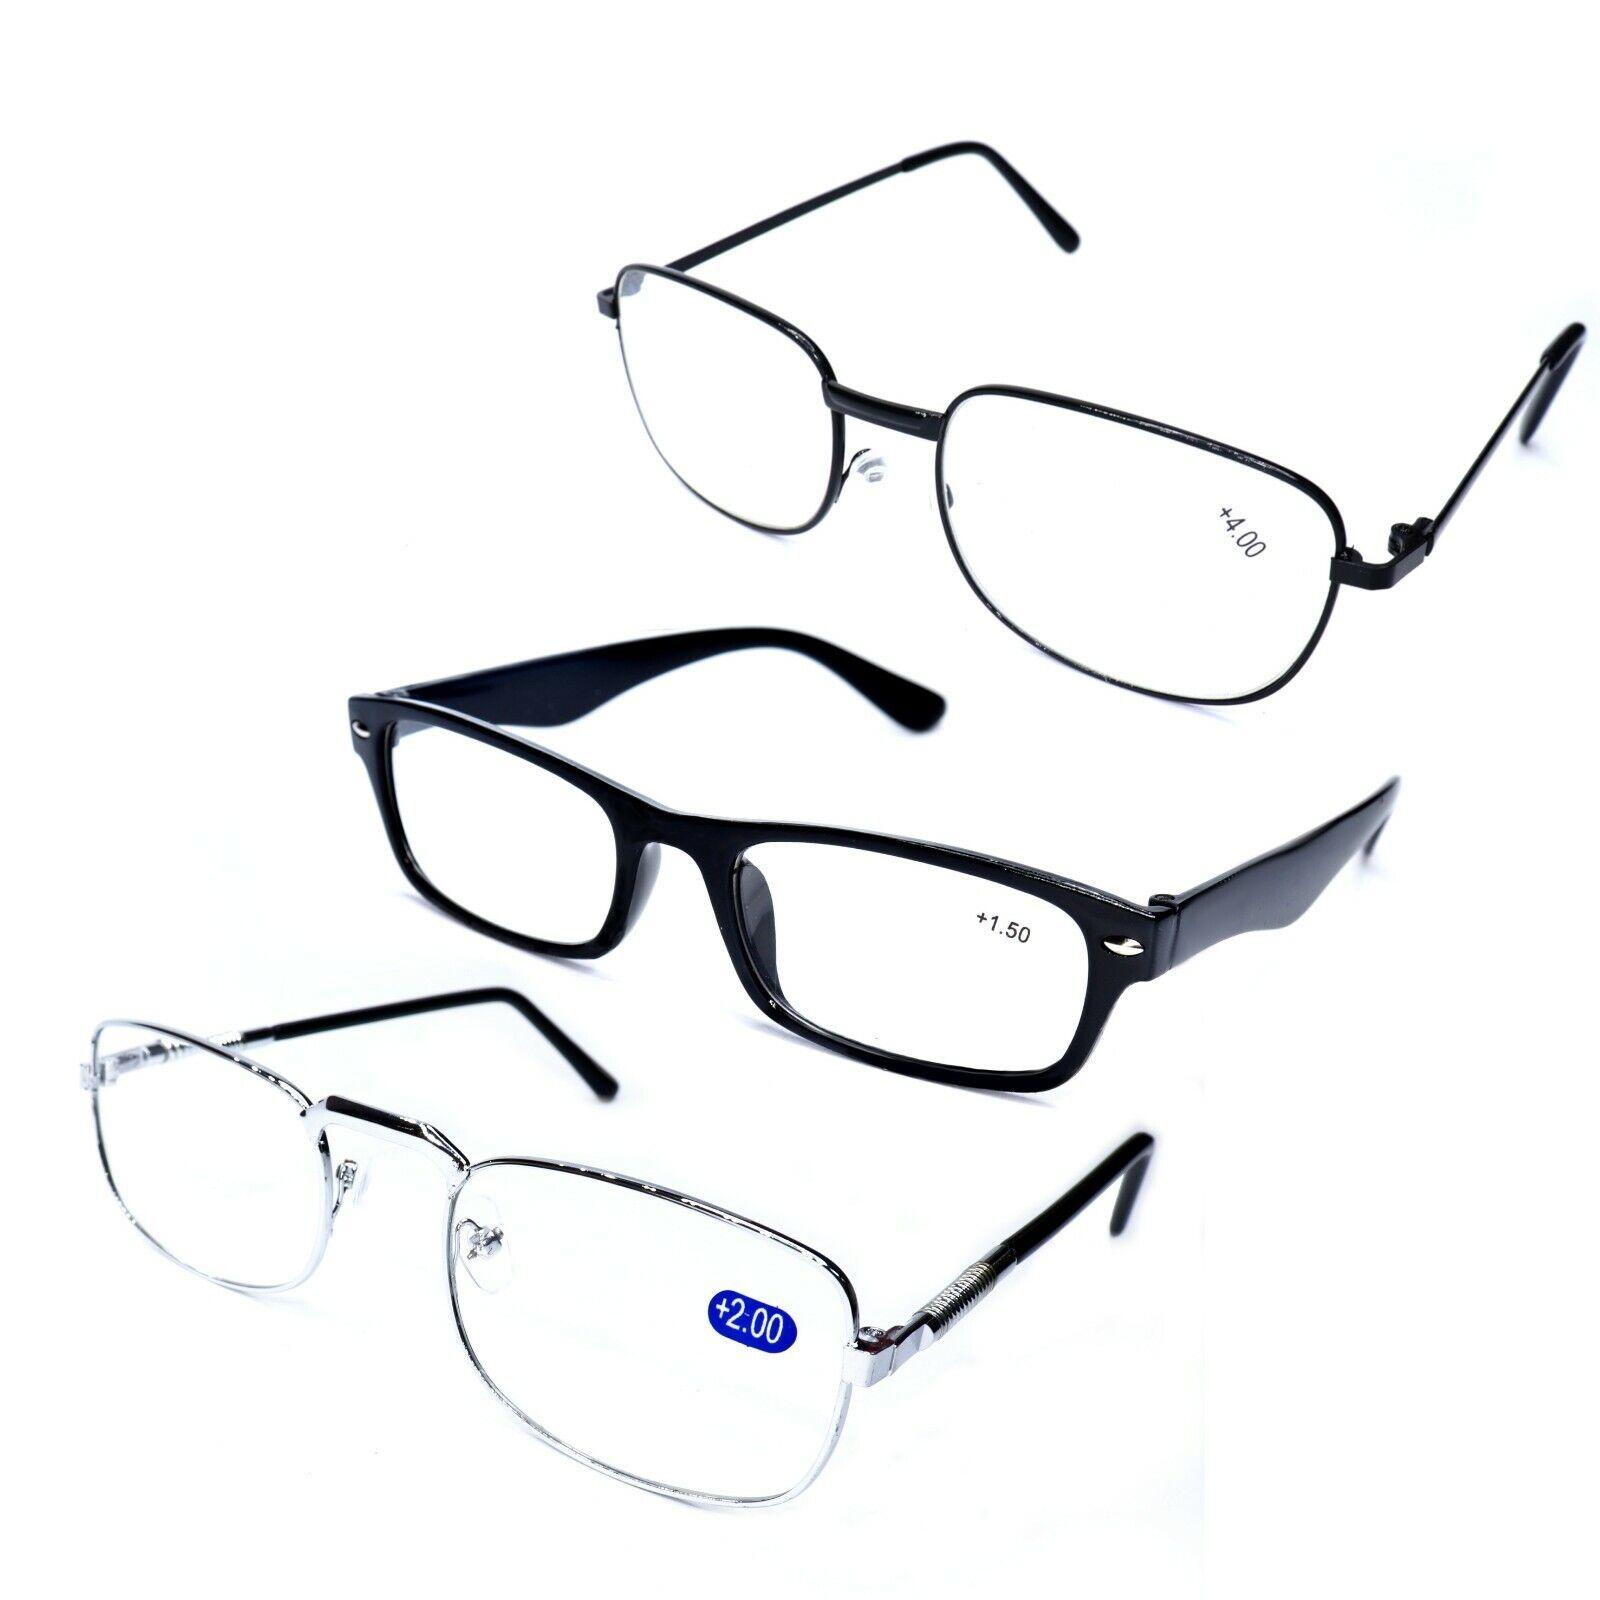 1-10 Brille Lesebrille verschiedene Modelle        +1,0+1,5+2,0+2,5+3,0+3,5+4.0